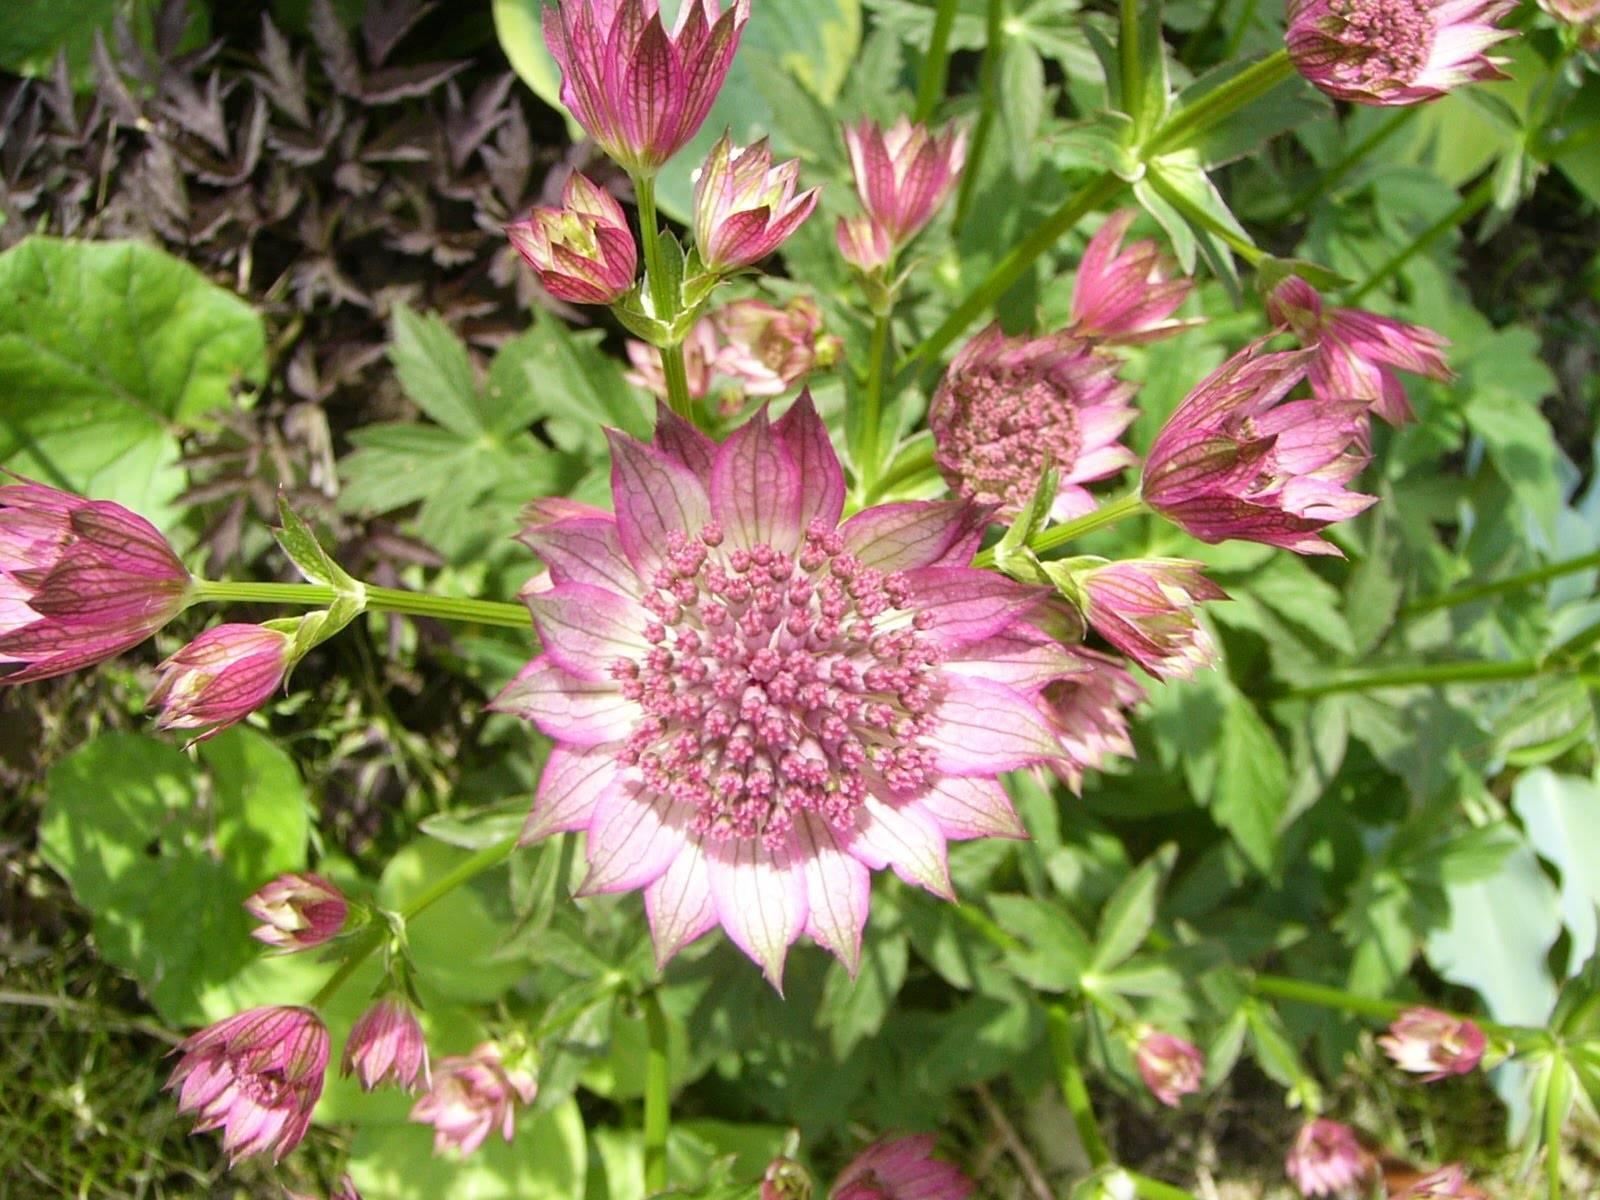 Астранция: виды и сорта, советы по выращиванию